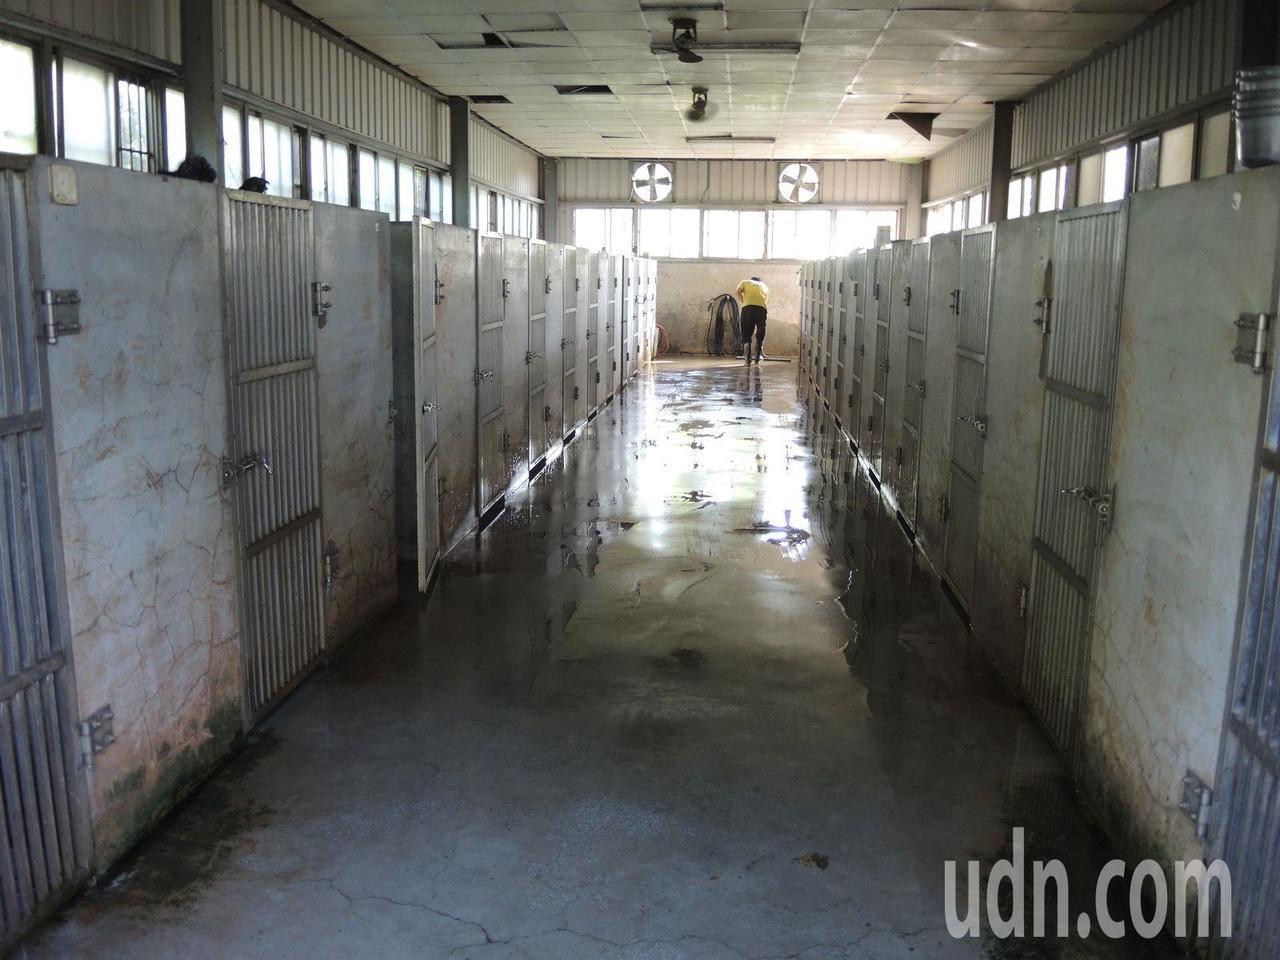 被爆料虐狗的桃園警犬學校,開放狗舍環境澄清,指PO網照是未清掃前的狗舍局部特寫照...